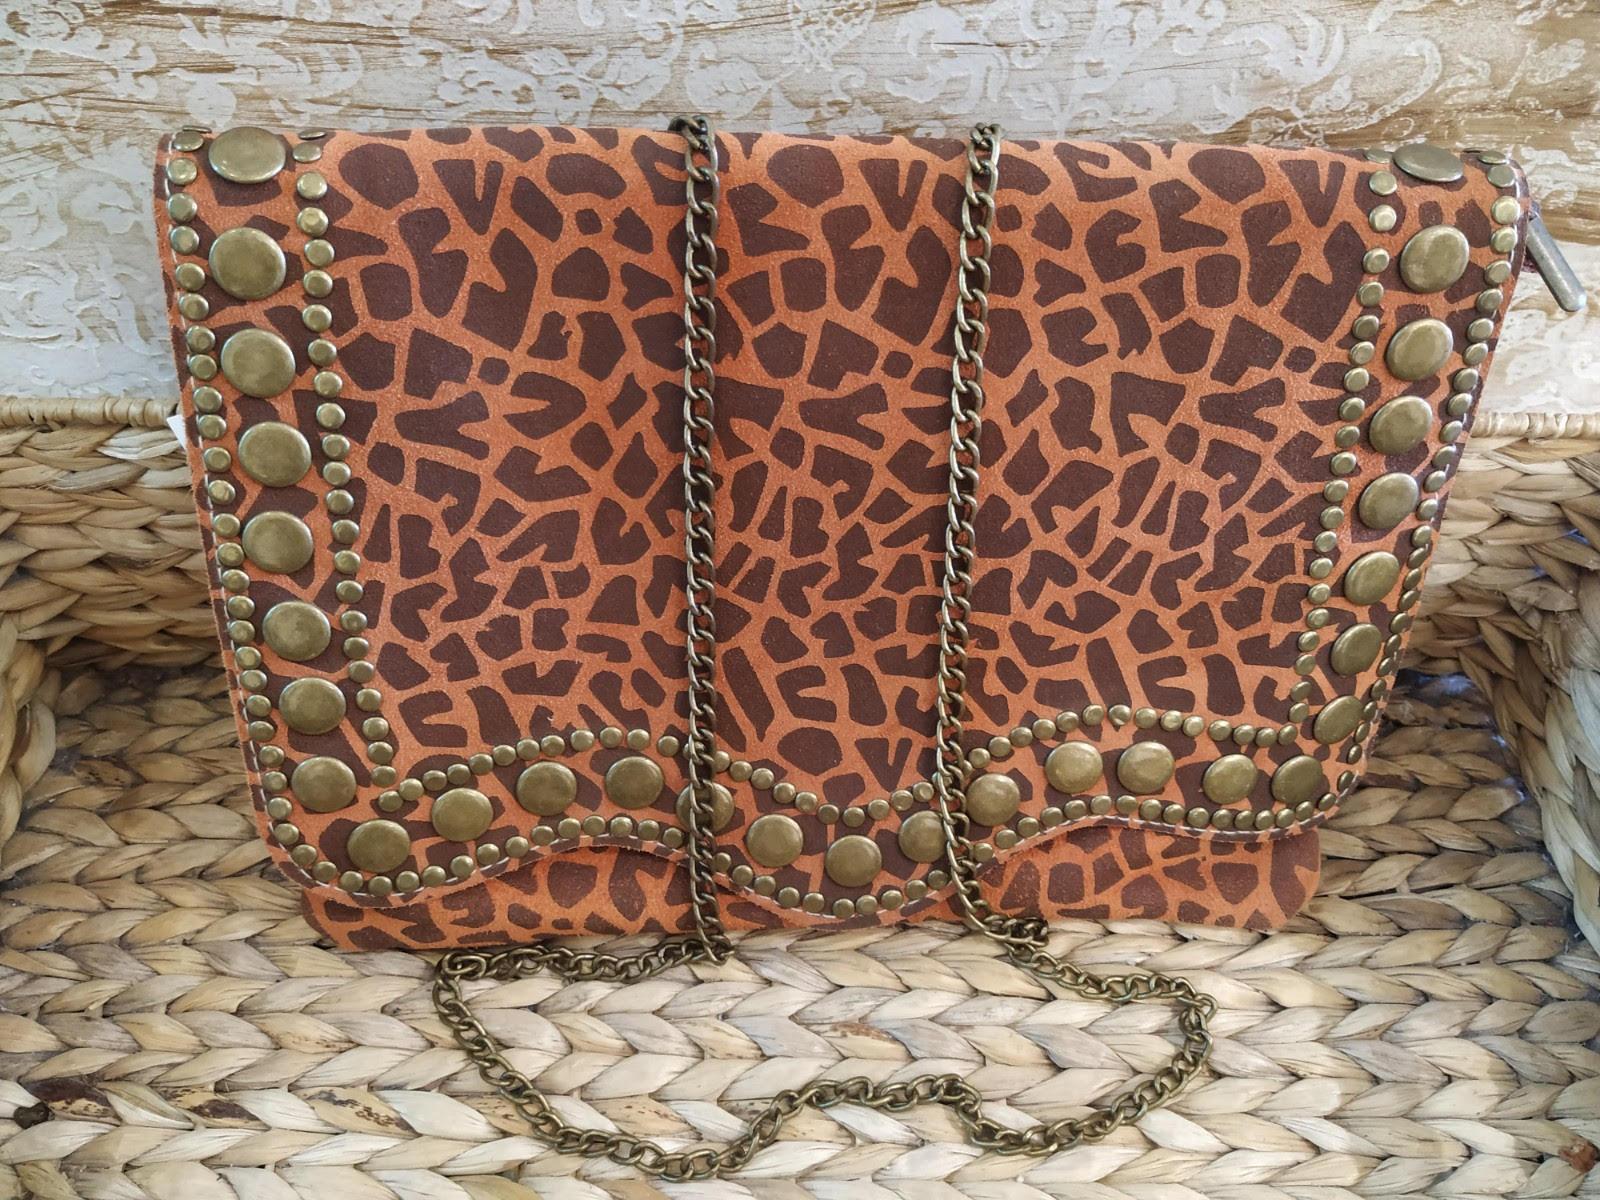 miuma-sobre-tachas-estampado-piel-complementos-moda-cambrils(2)